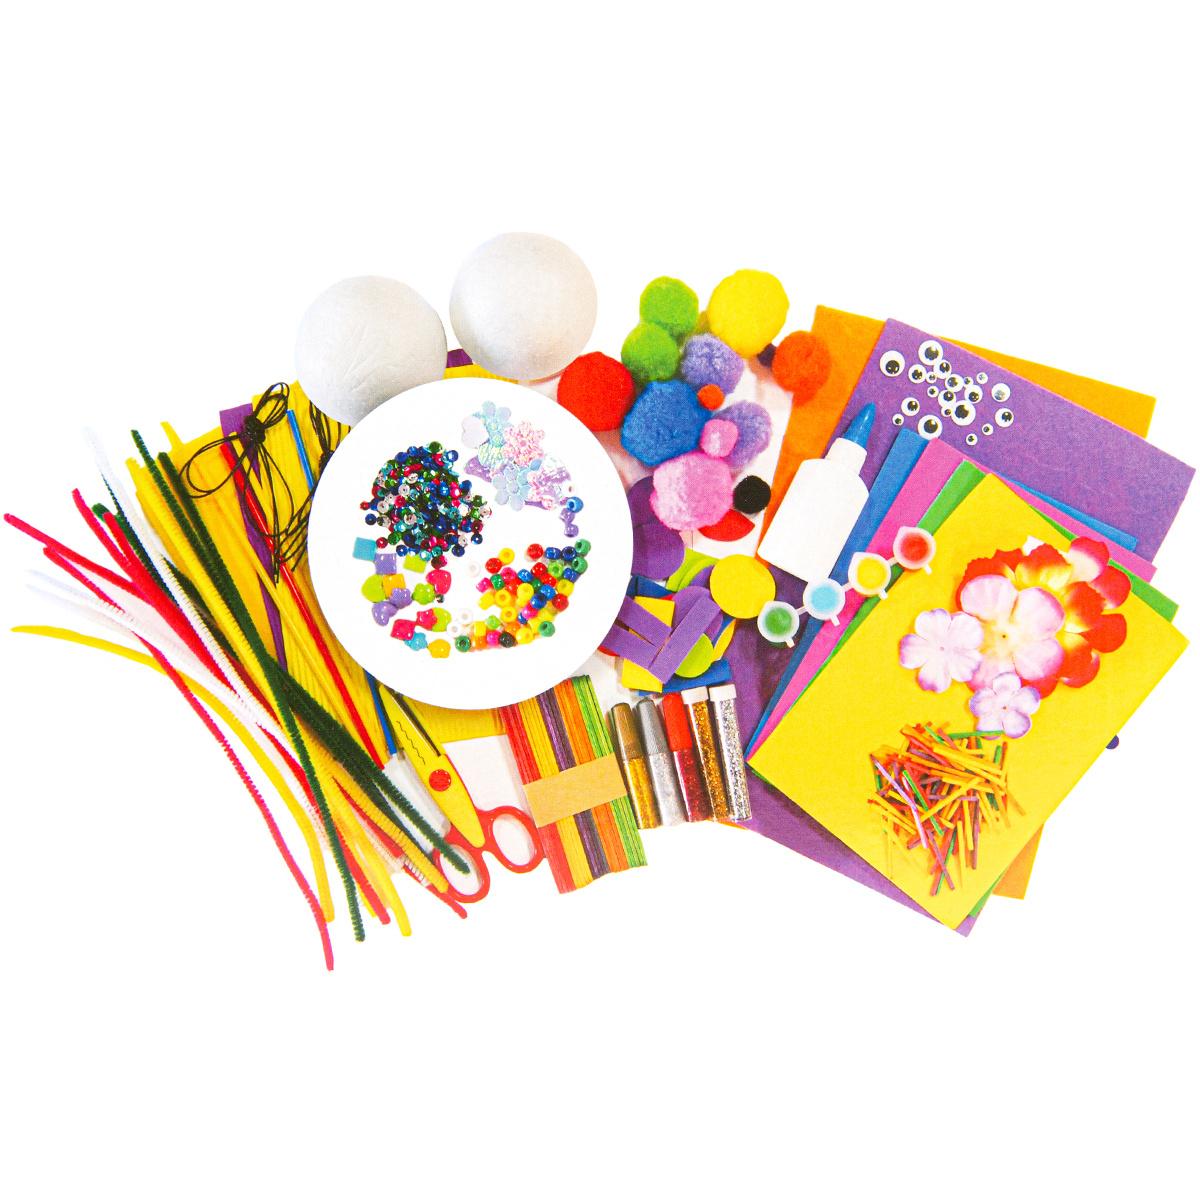 Kreativní set Sparkle your project, 32 x 16,5 x 26 cm